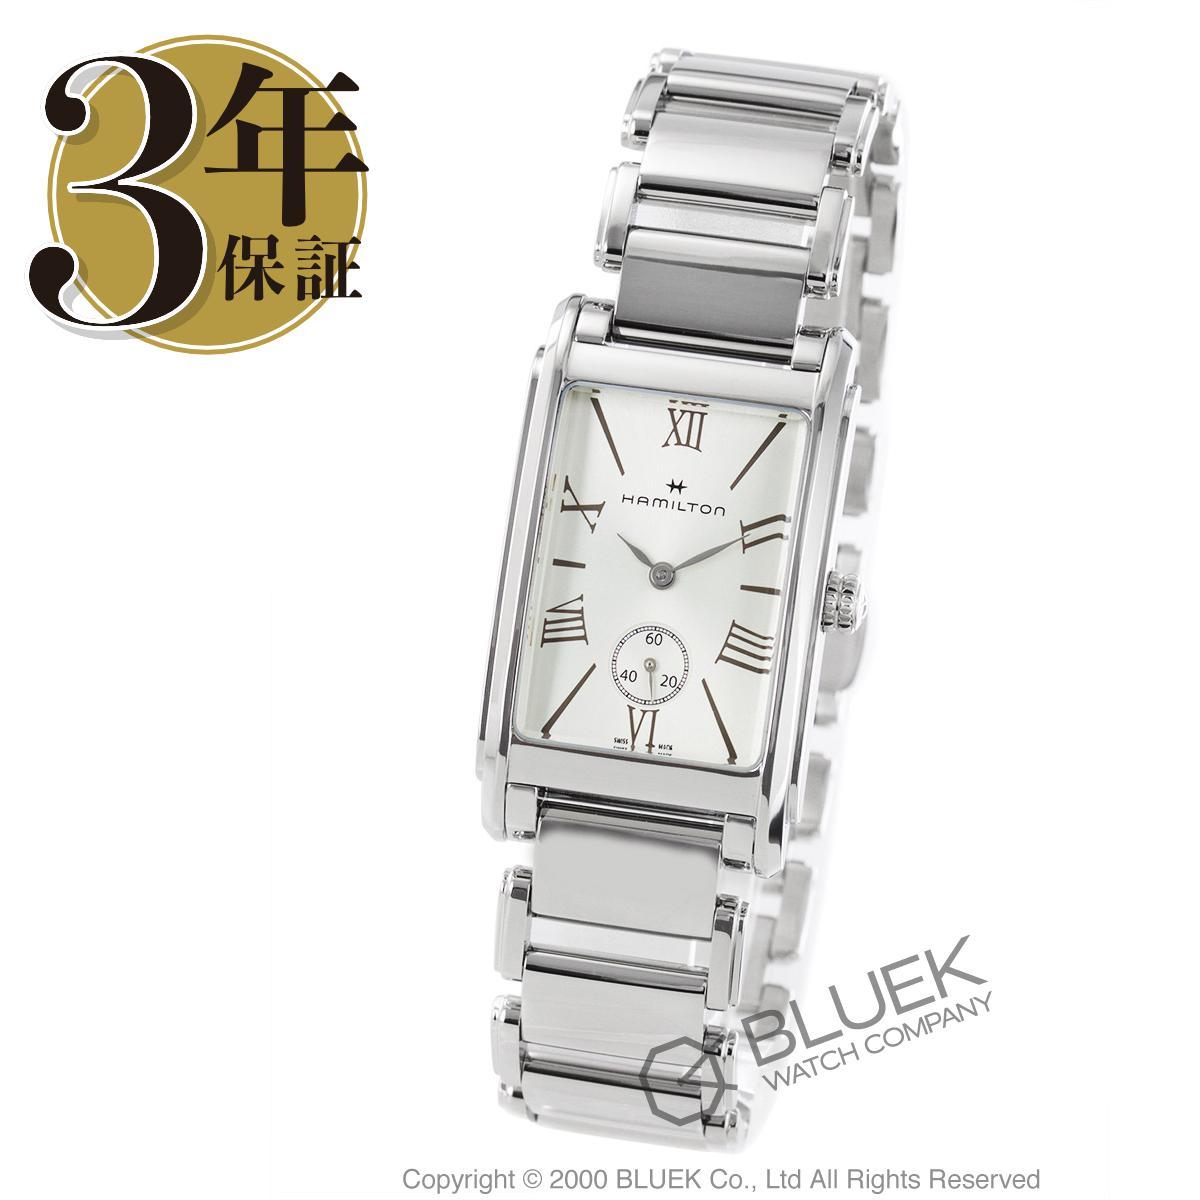 [送料無料][あす楽対応][ハミルトン][H11421114][HAMILTON][時計][新品] ハミルトン アードモア 腕時計 レディース HAMILTON H11421114_8